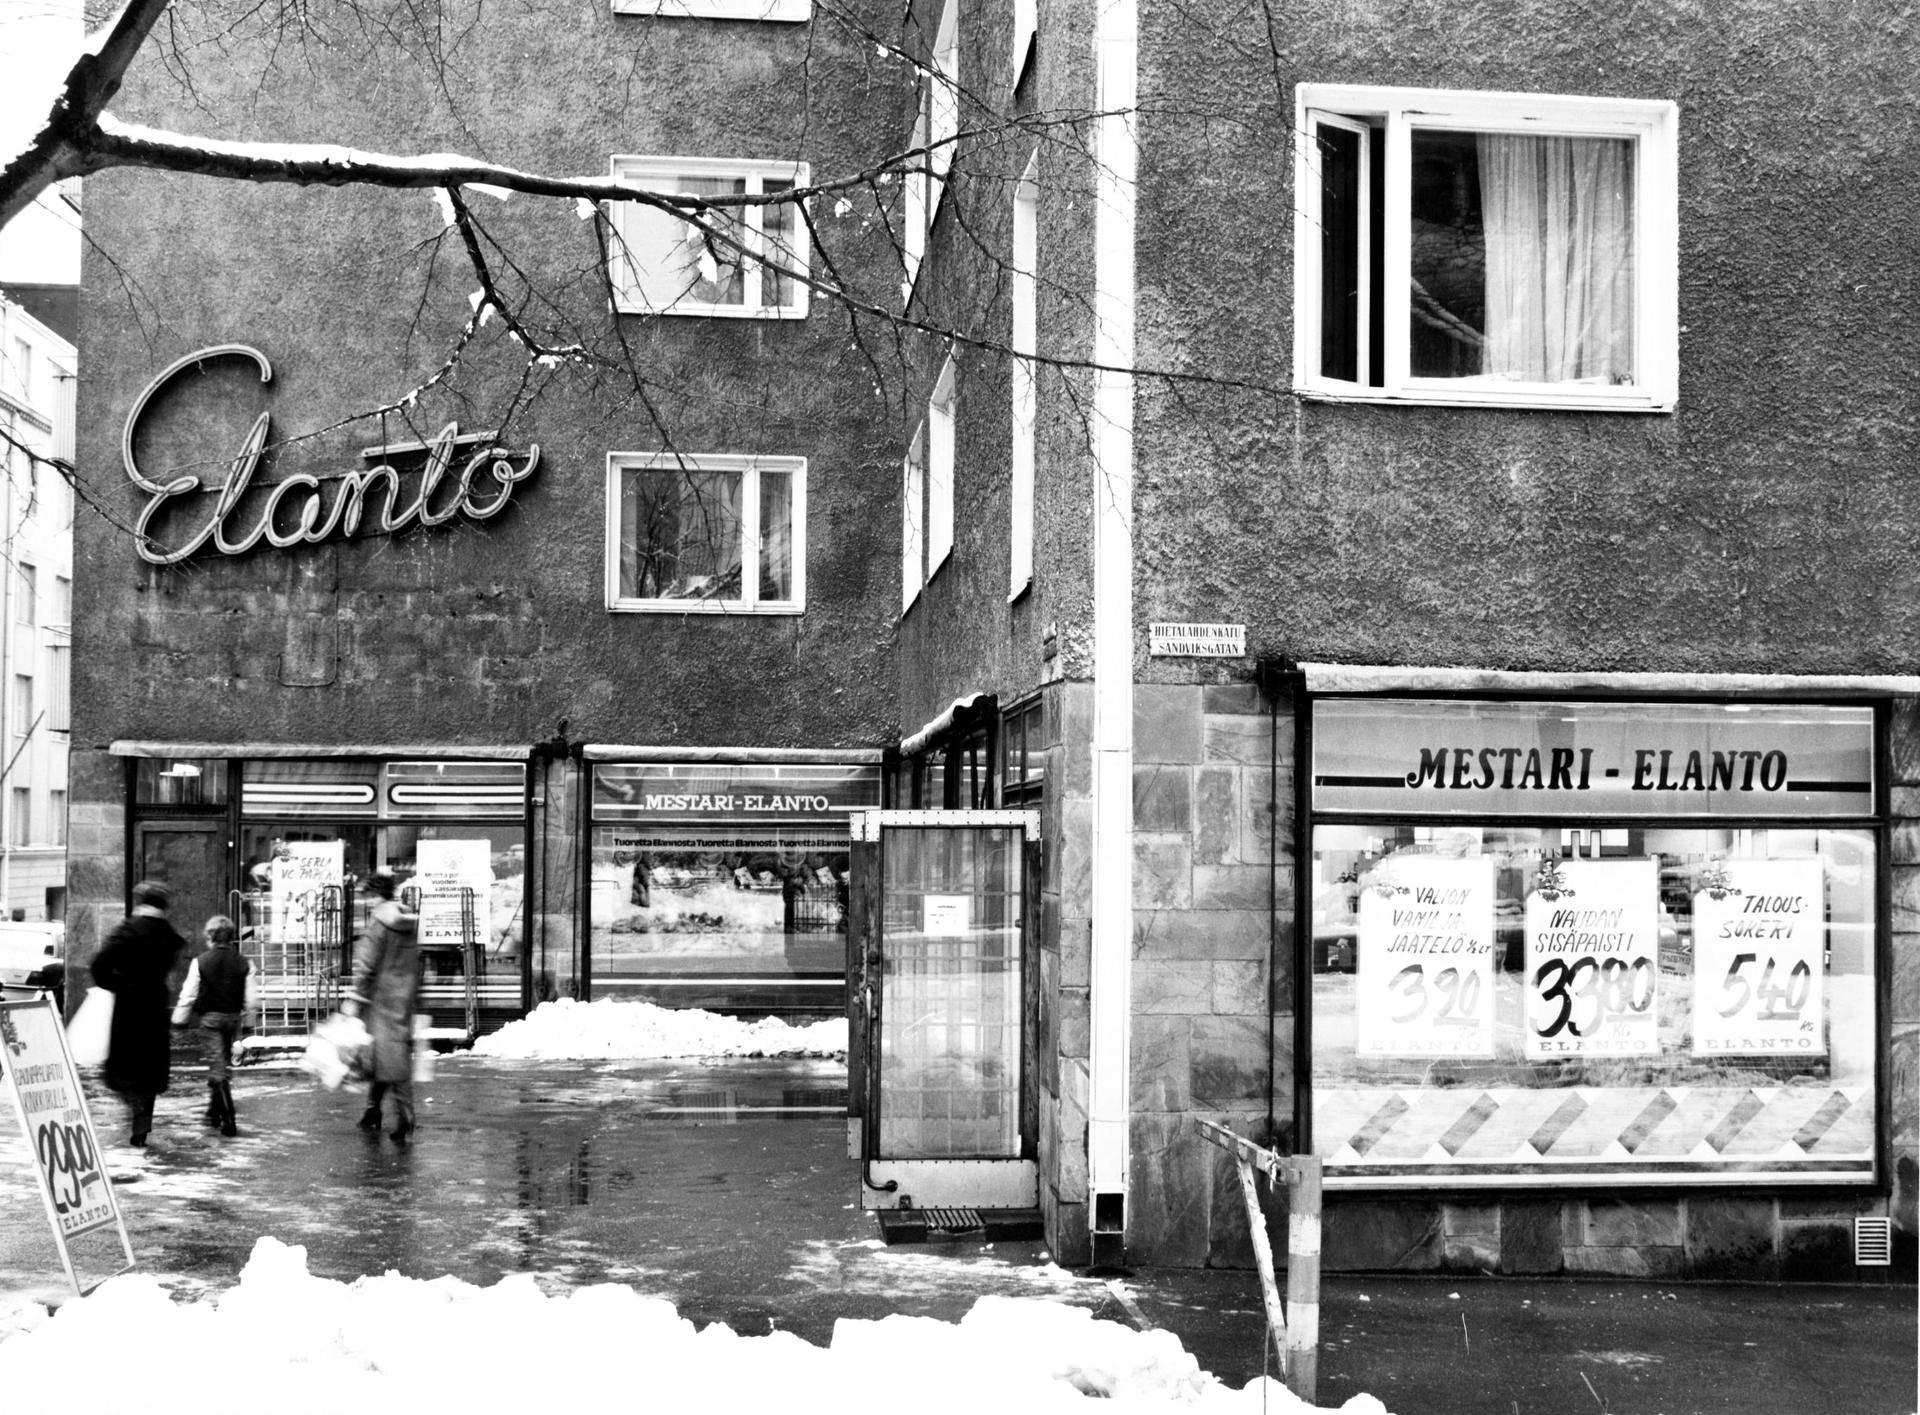 Eerikinkatu 39:ssä Helsingissä sijaitsi 1980-luvulla Elanto.